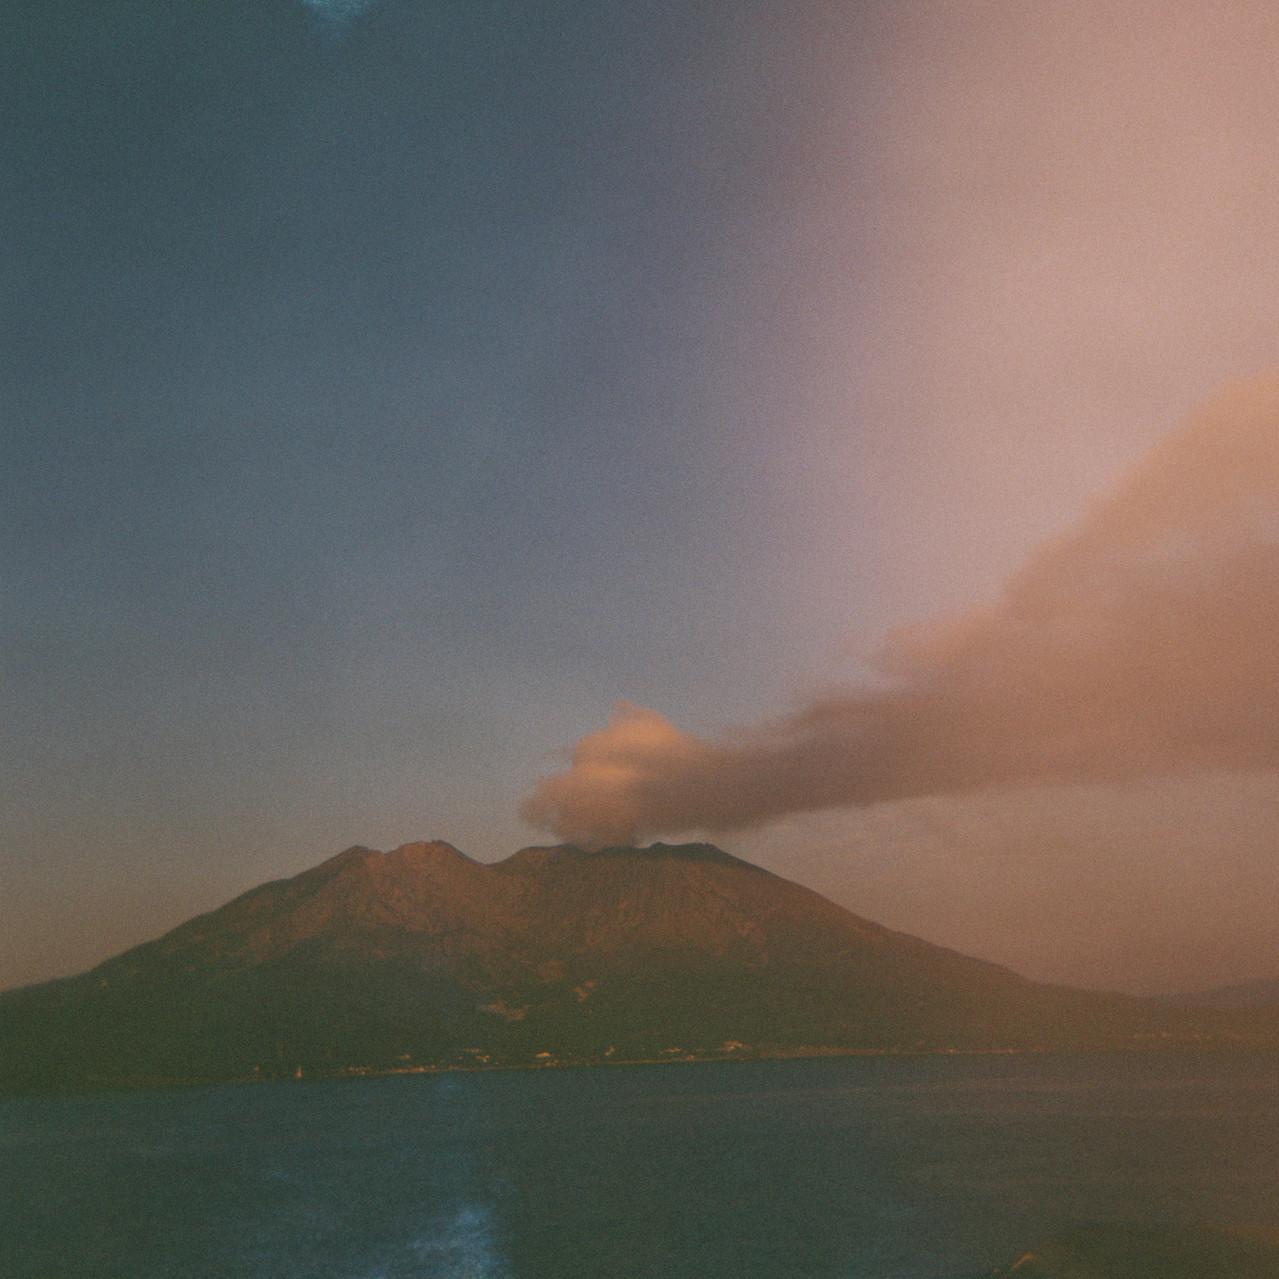 Sakurajima (October 31st, 2019) V